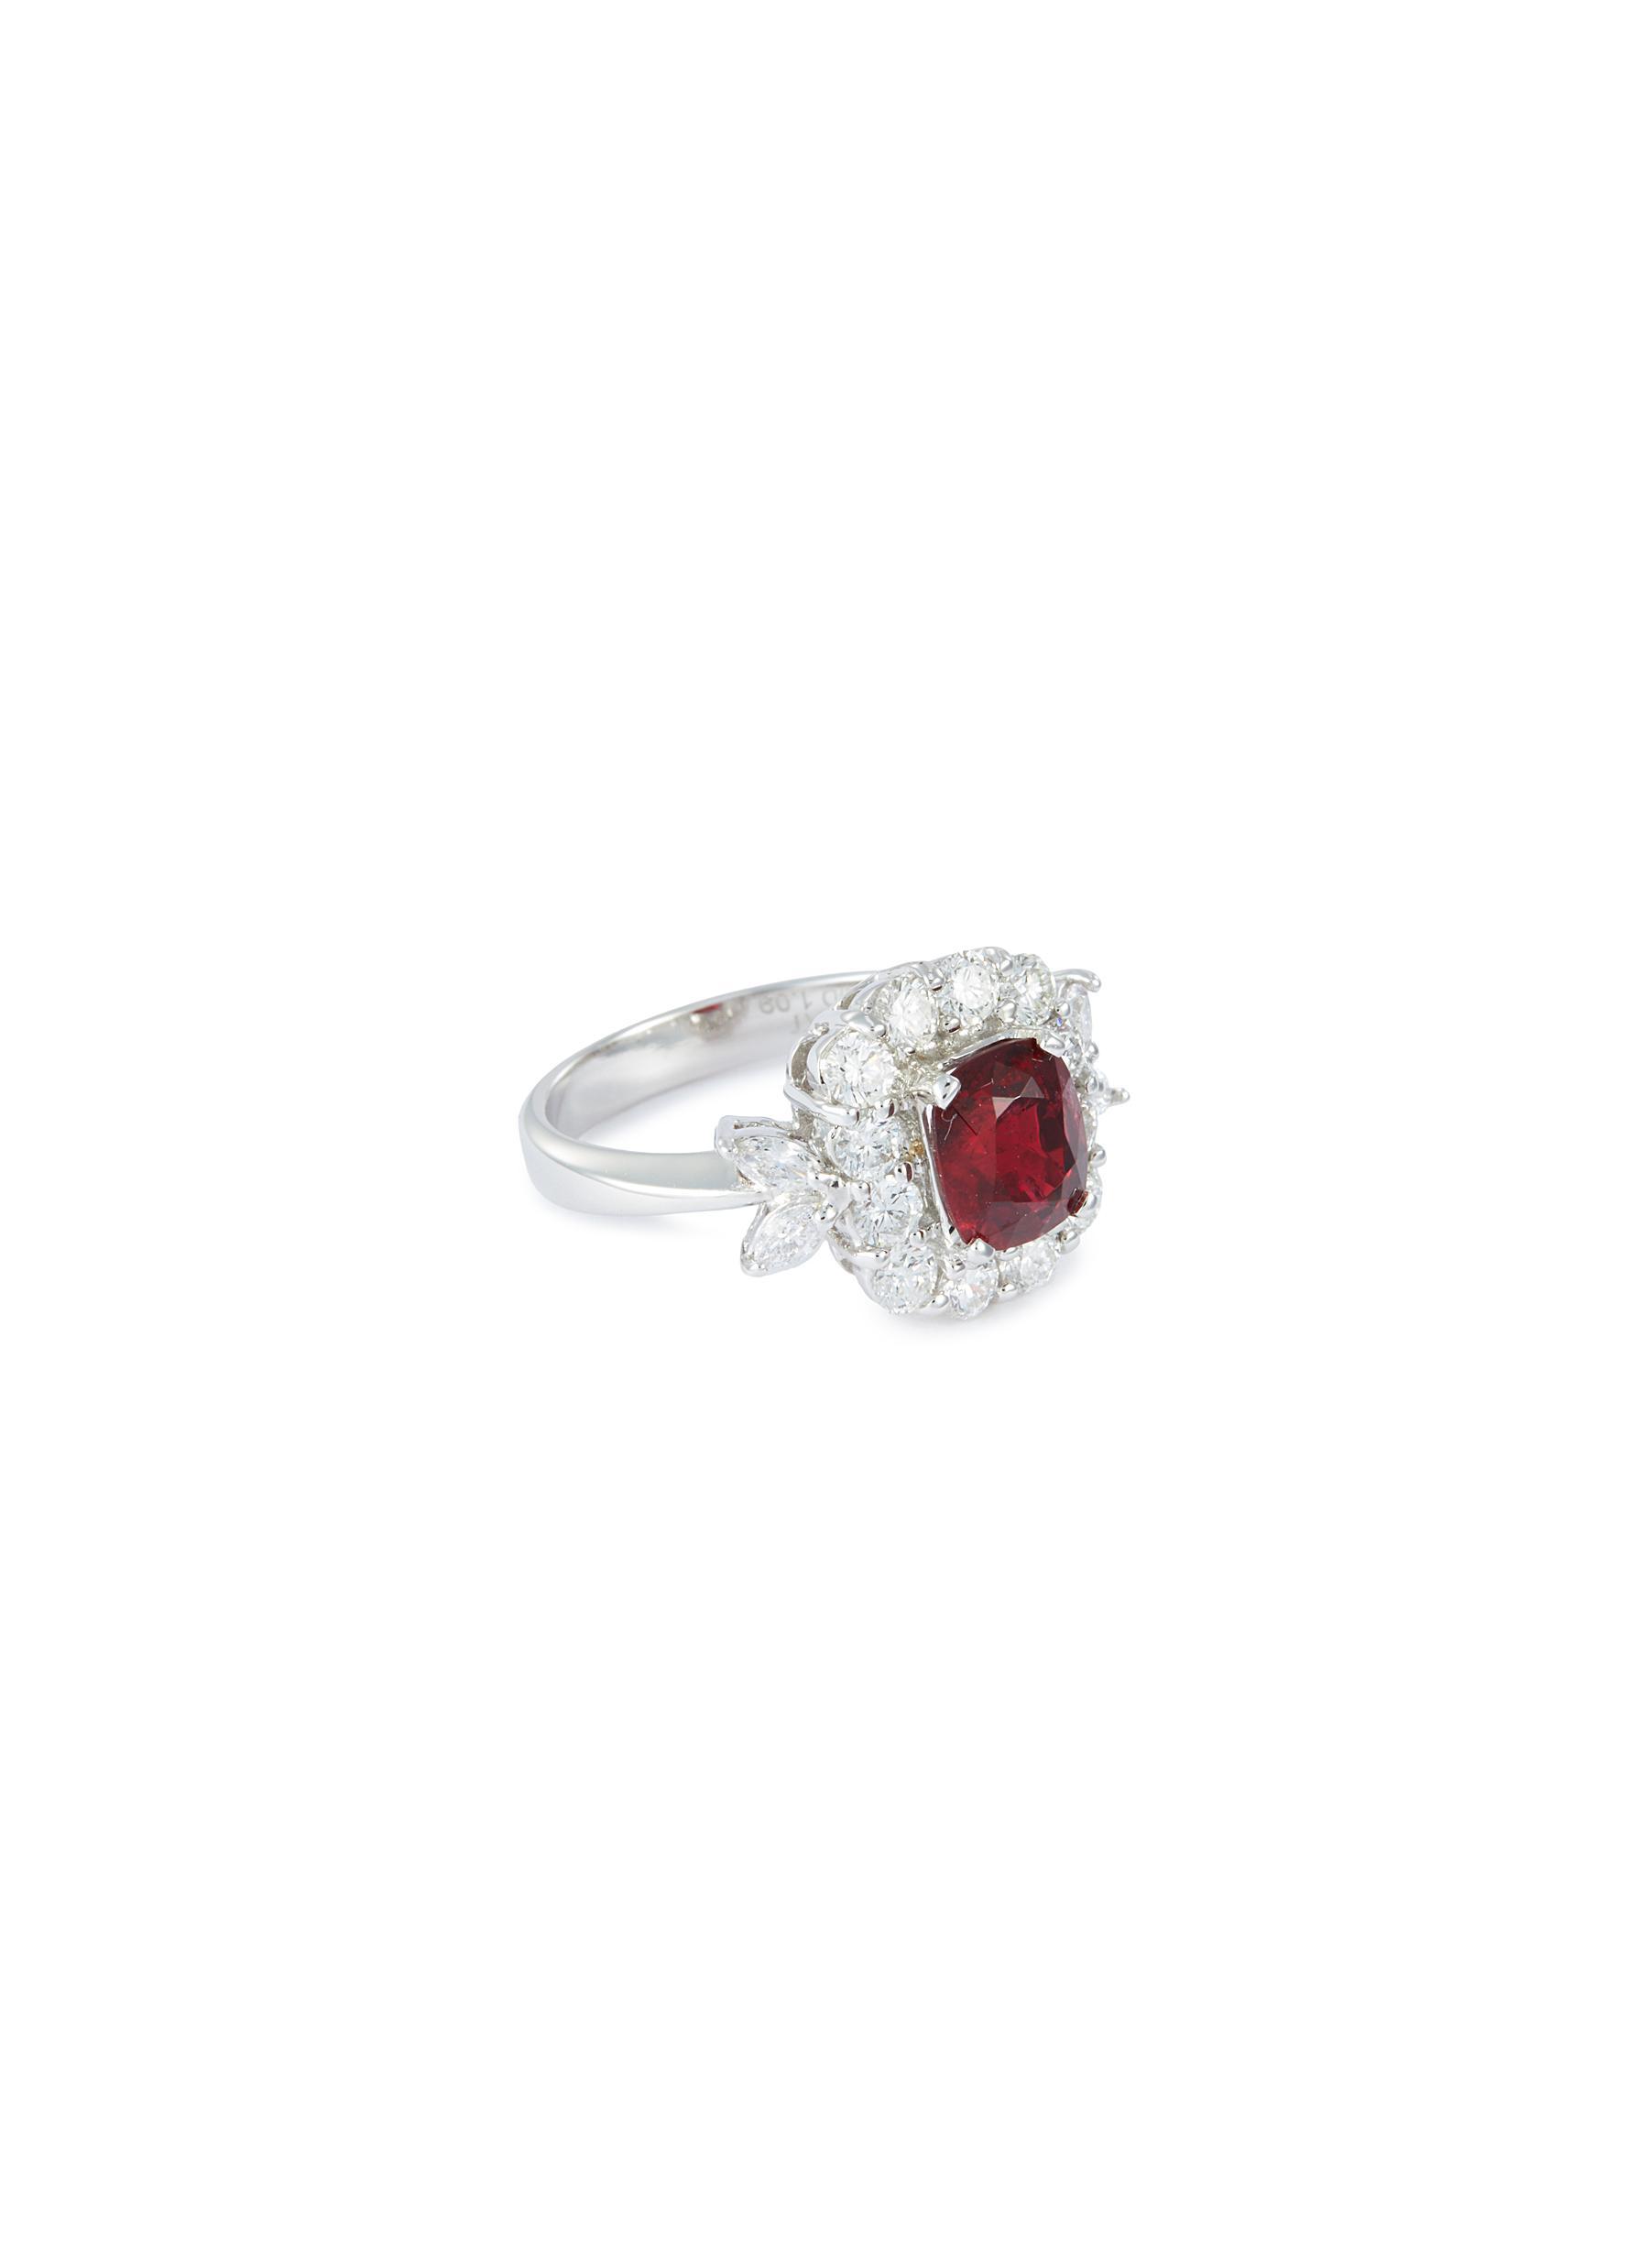 Diamond spinel 18k white gold ring